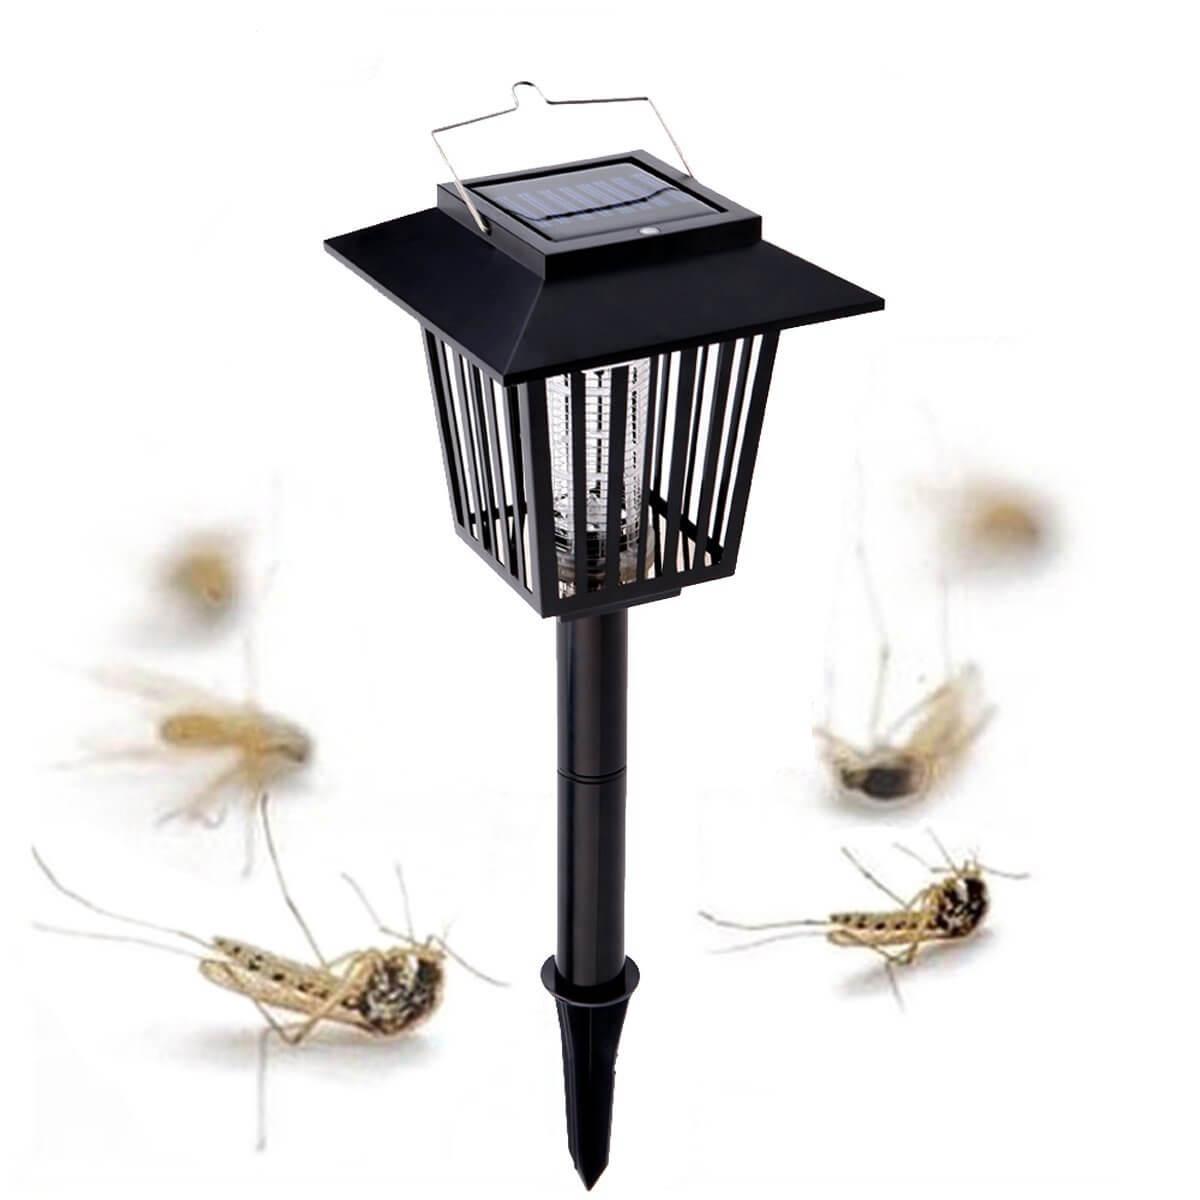 PRUNUS Solarbetriebener Outdoor Insektenvernichter